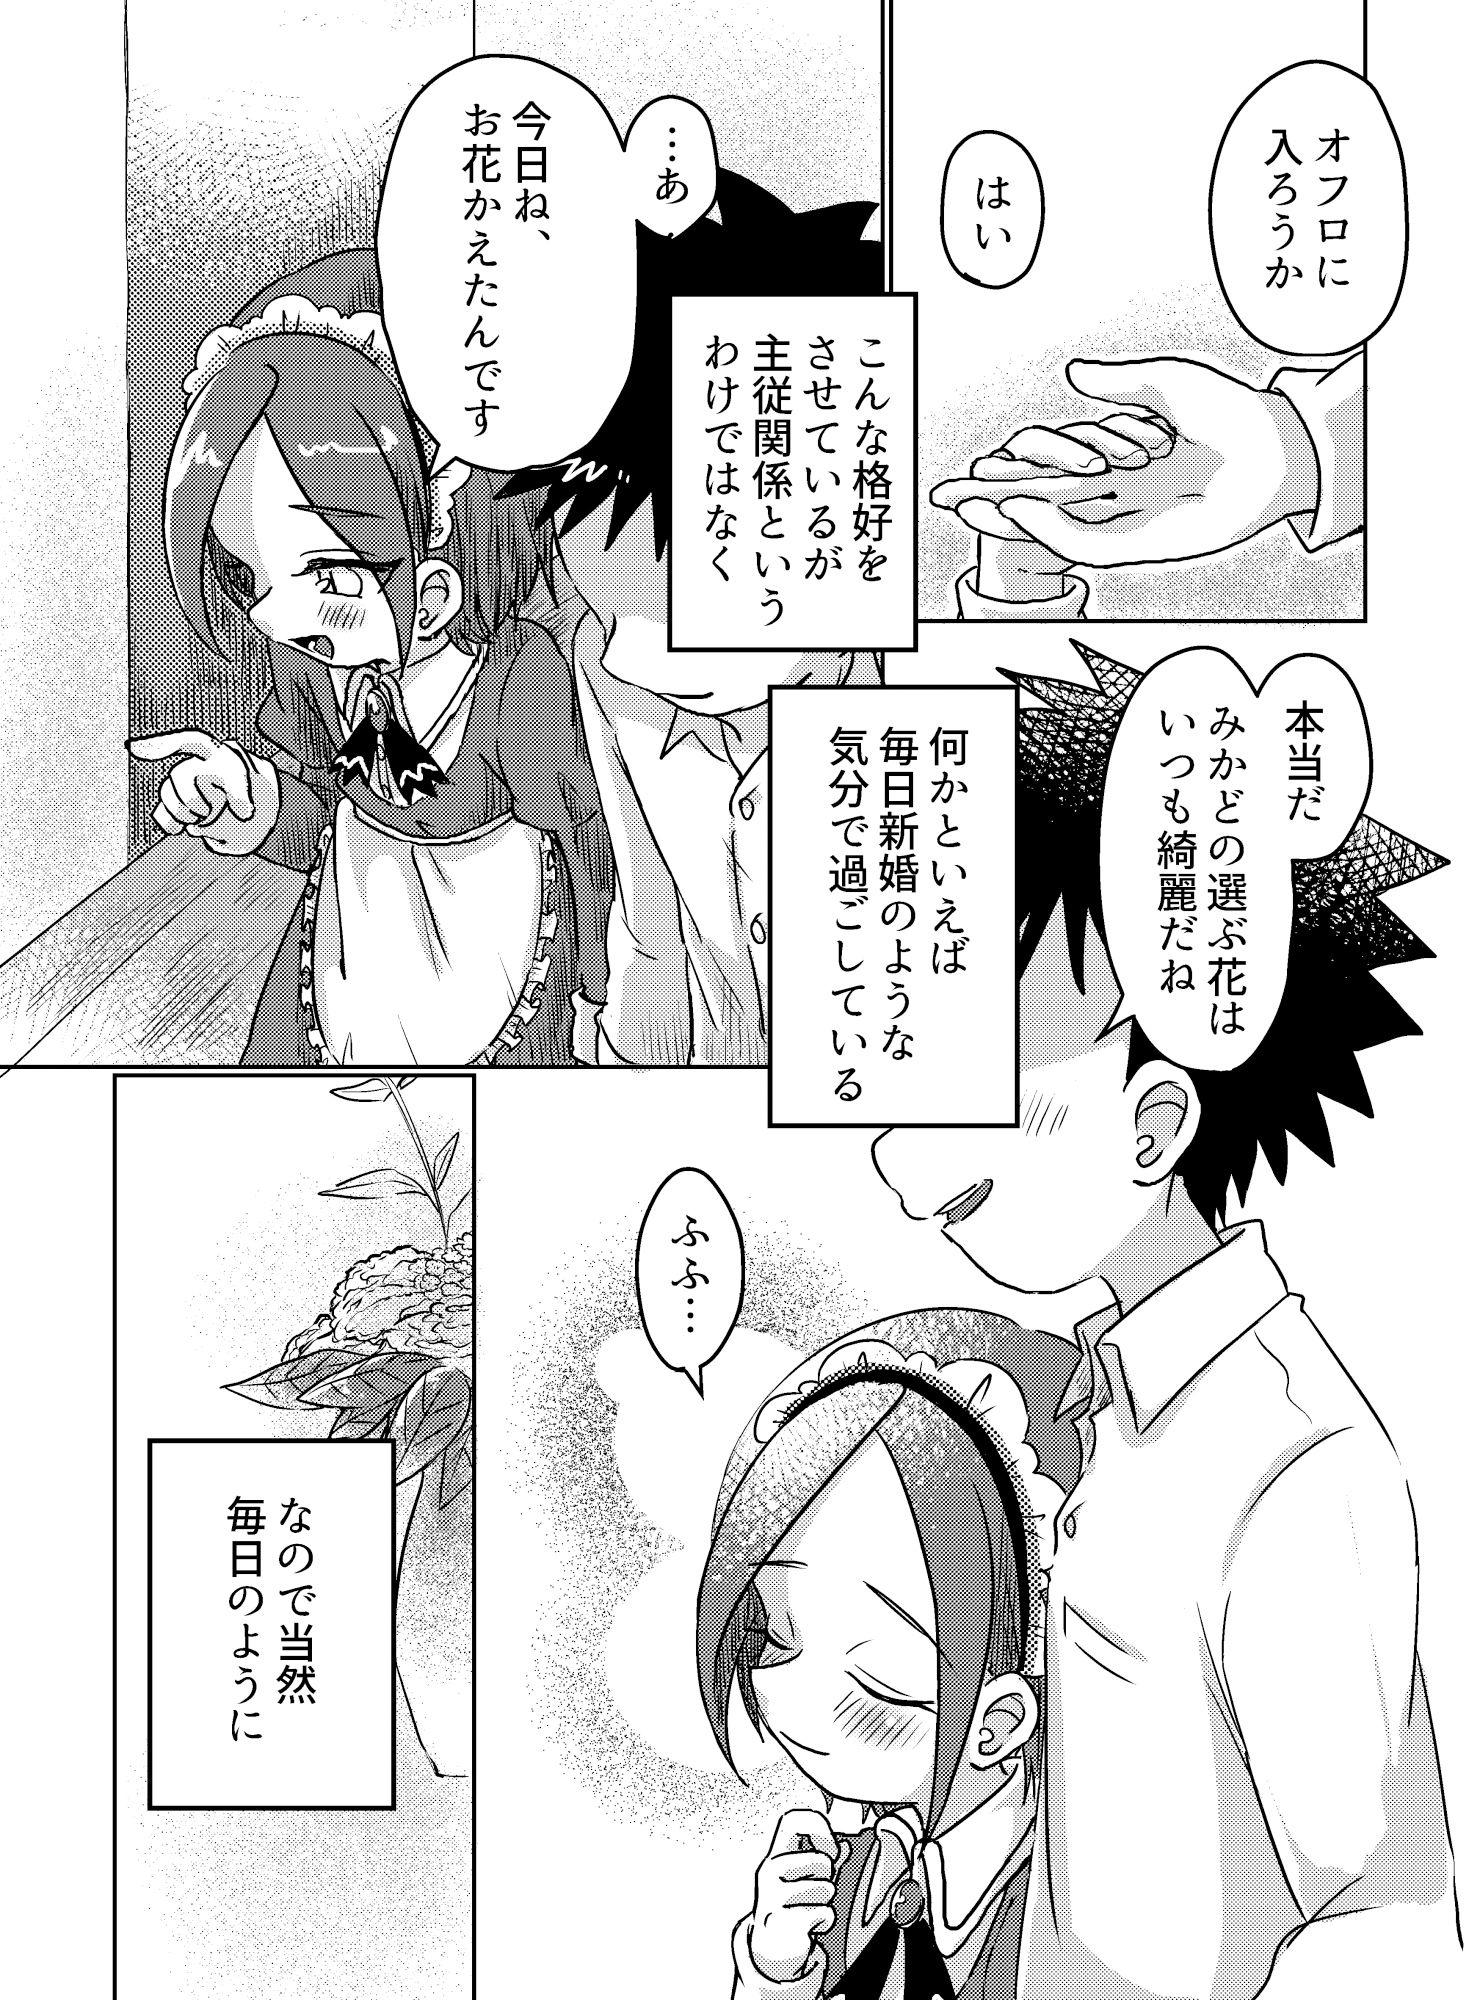 サンプル画像1:オトコの娘にあいされせいかつ(うずむし増殖場) [d_199691]